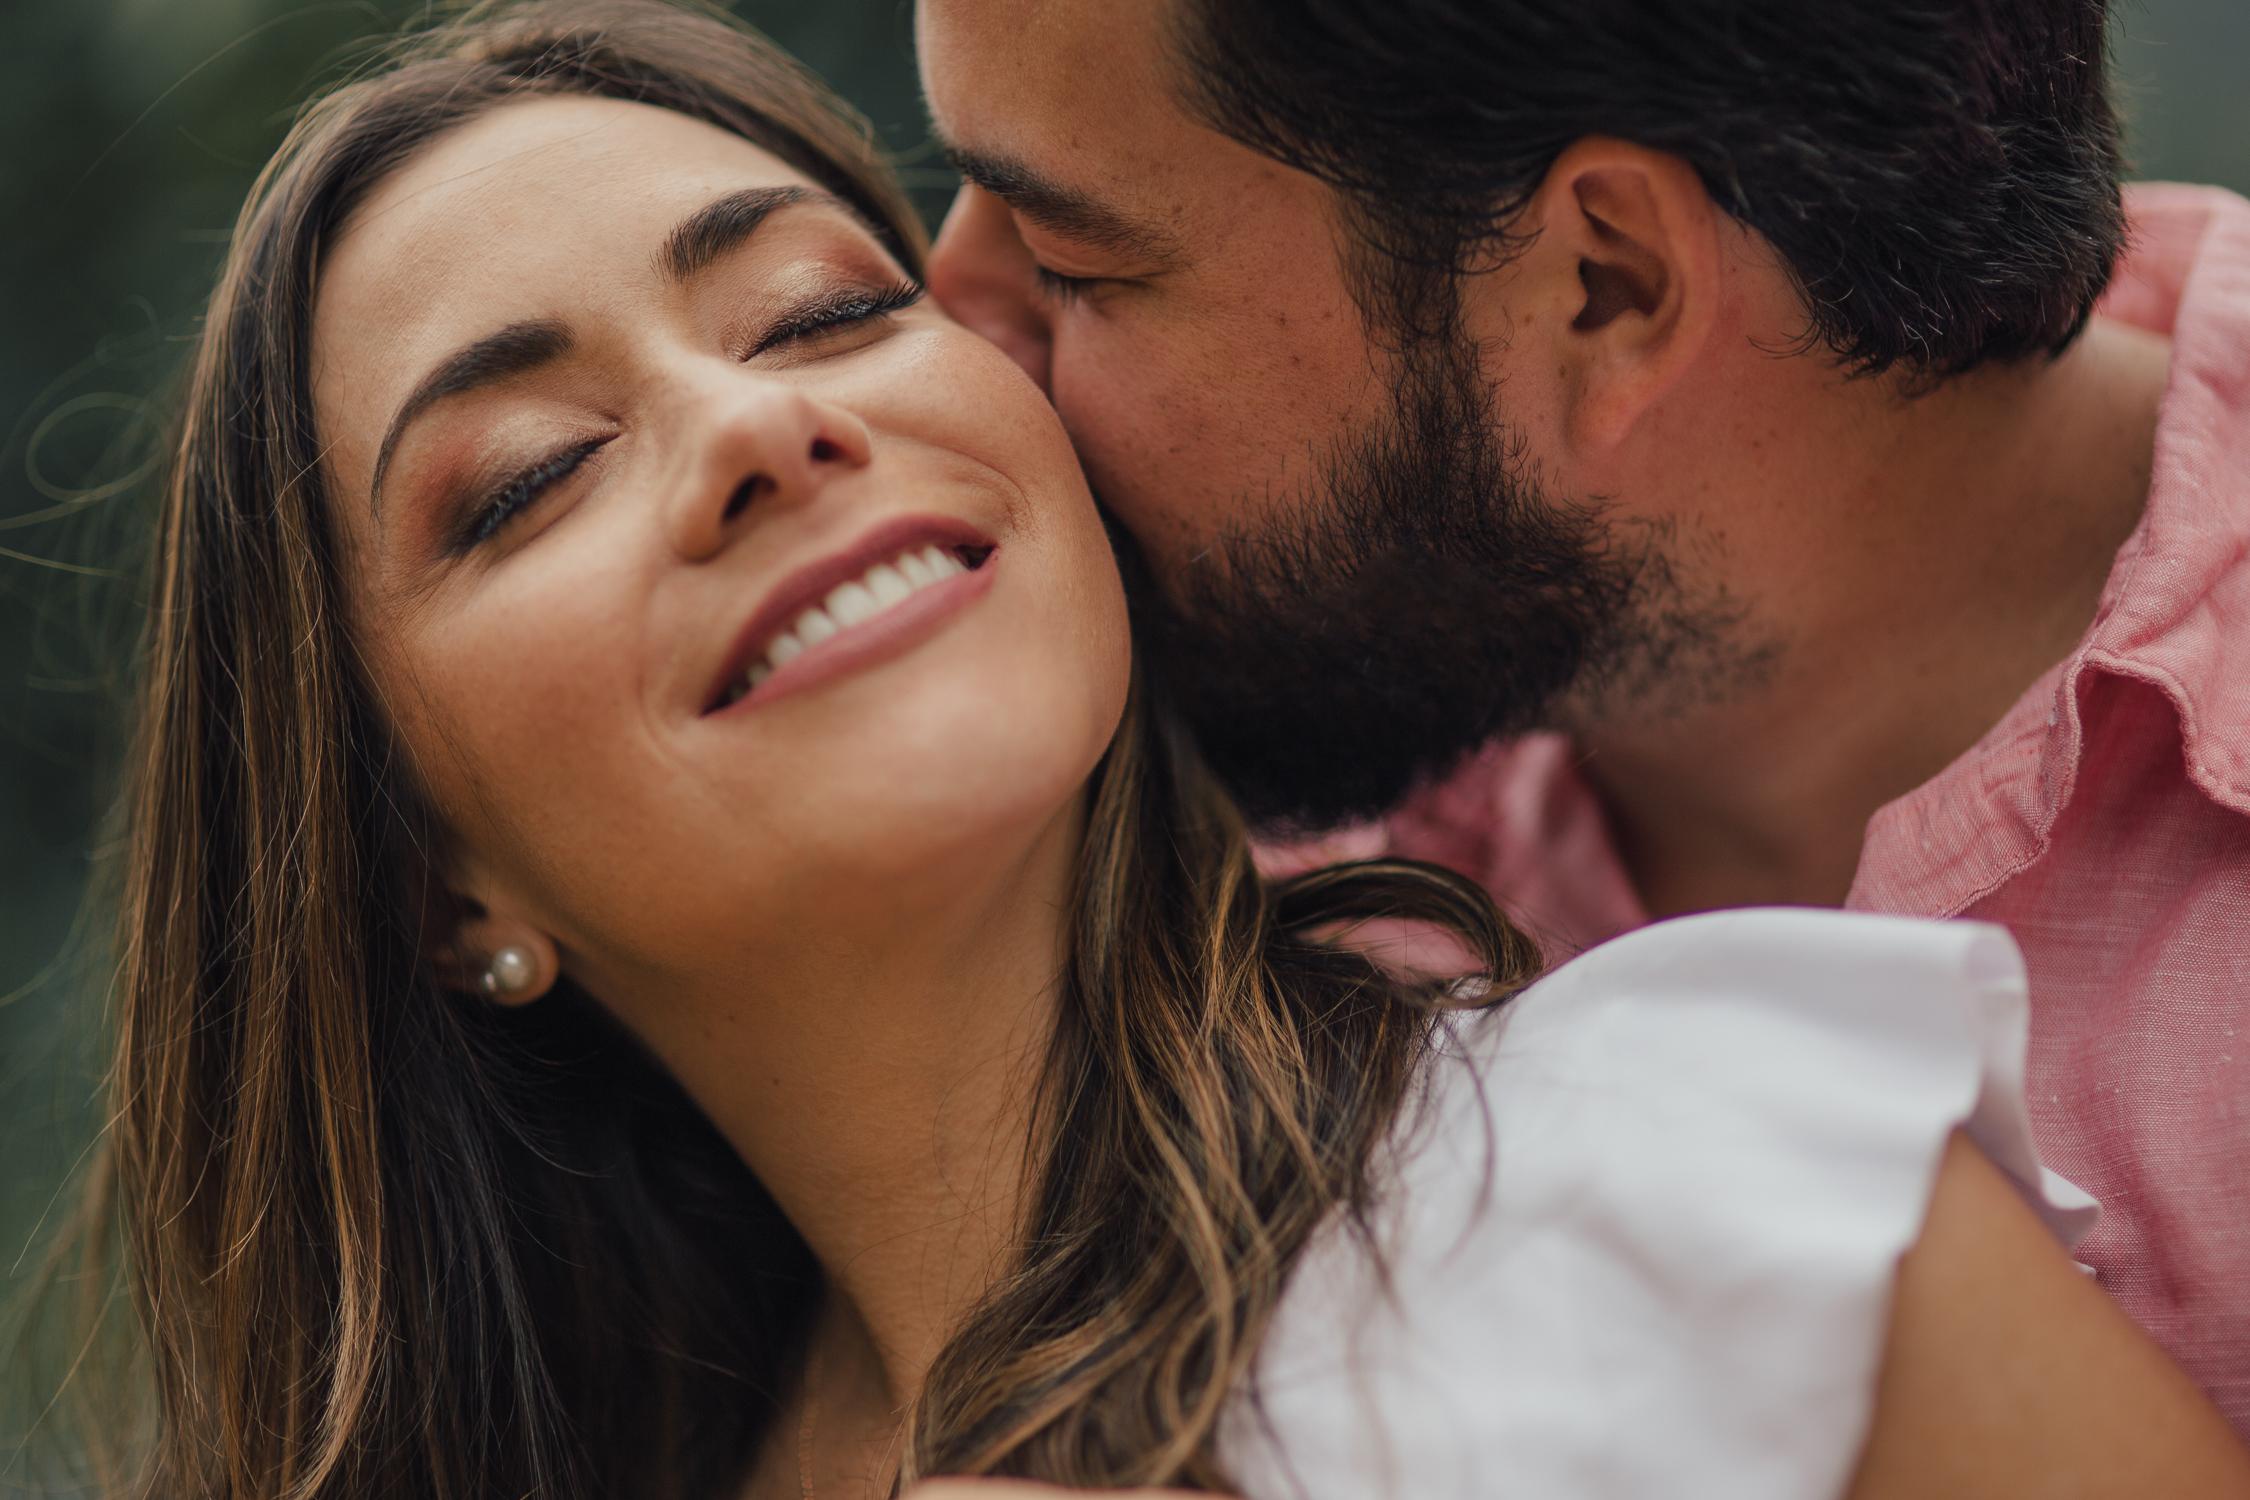 Michelle-Agurto-Fotografia-Bodas-Ecuador-Destination-Wedding-Photographer-Sesion-Maria-Gracia-Bonfy-39.JPG